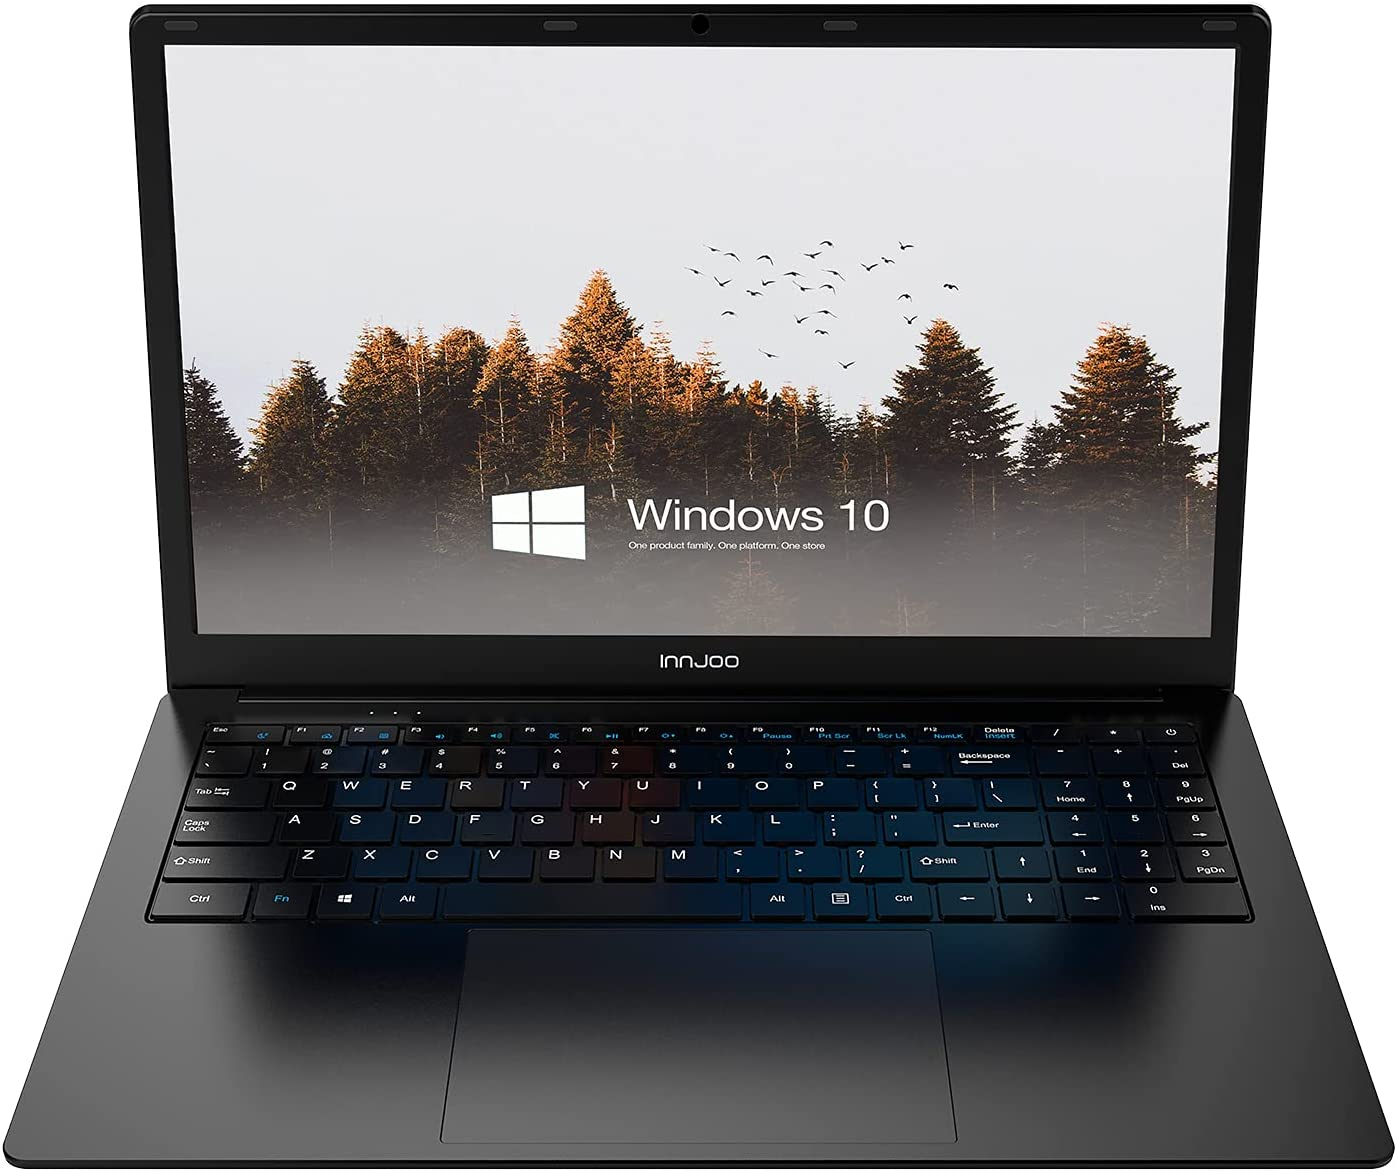 innjoo Portátil VOOM Excellence Pro 15.6 Pulgadas 8 GB RAM – 512 GB SSD – Intel Celeron N4020 - WiFi - Bluetooth - Windows 10